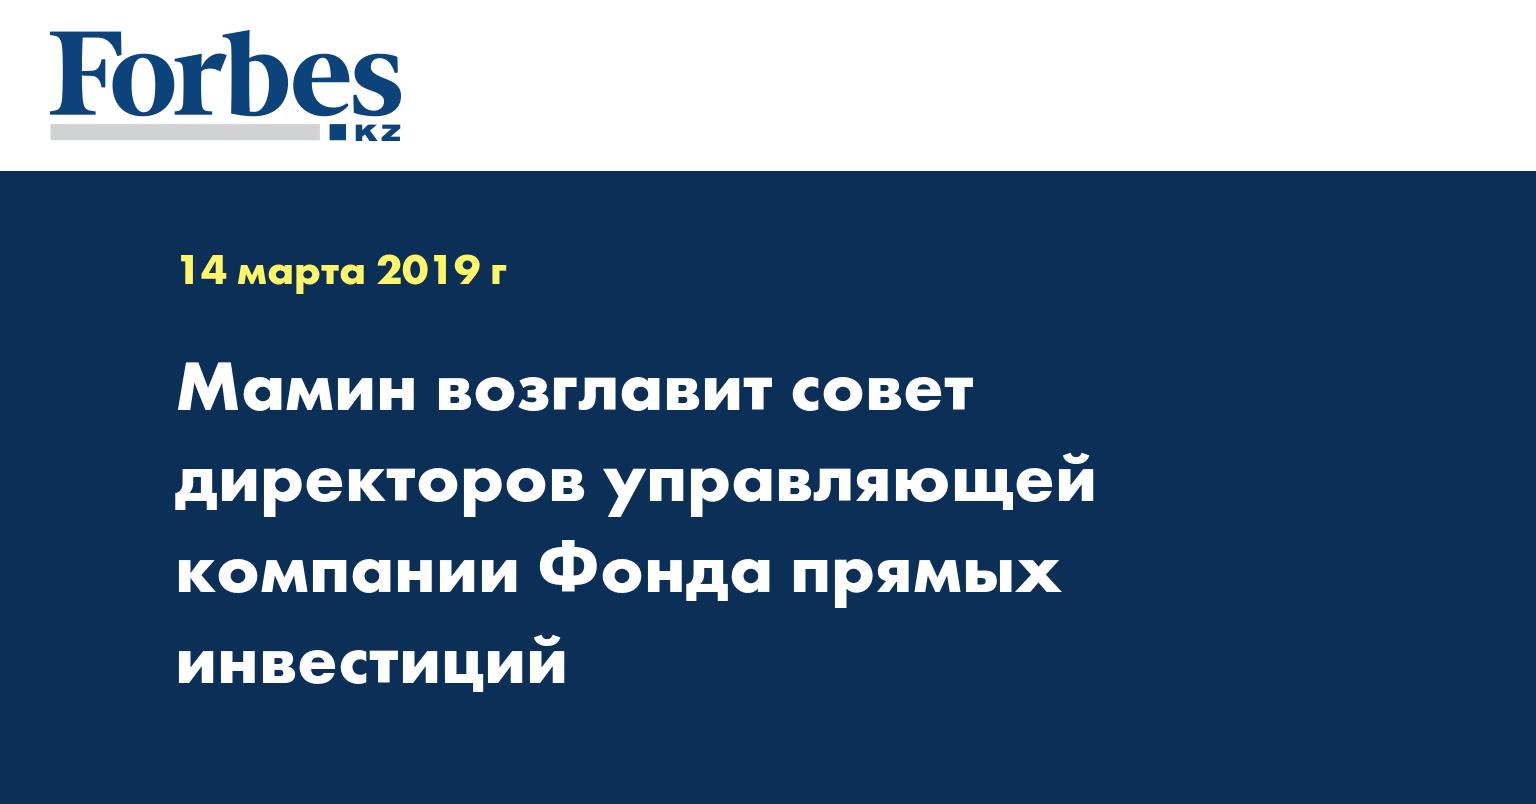 Мамин возглавит совет директоров управляющей компании Фонда прямых инвестиций